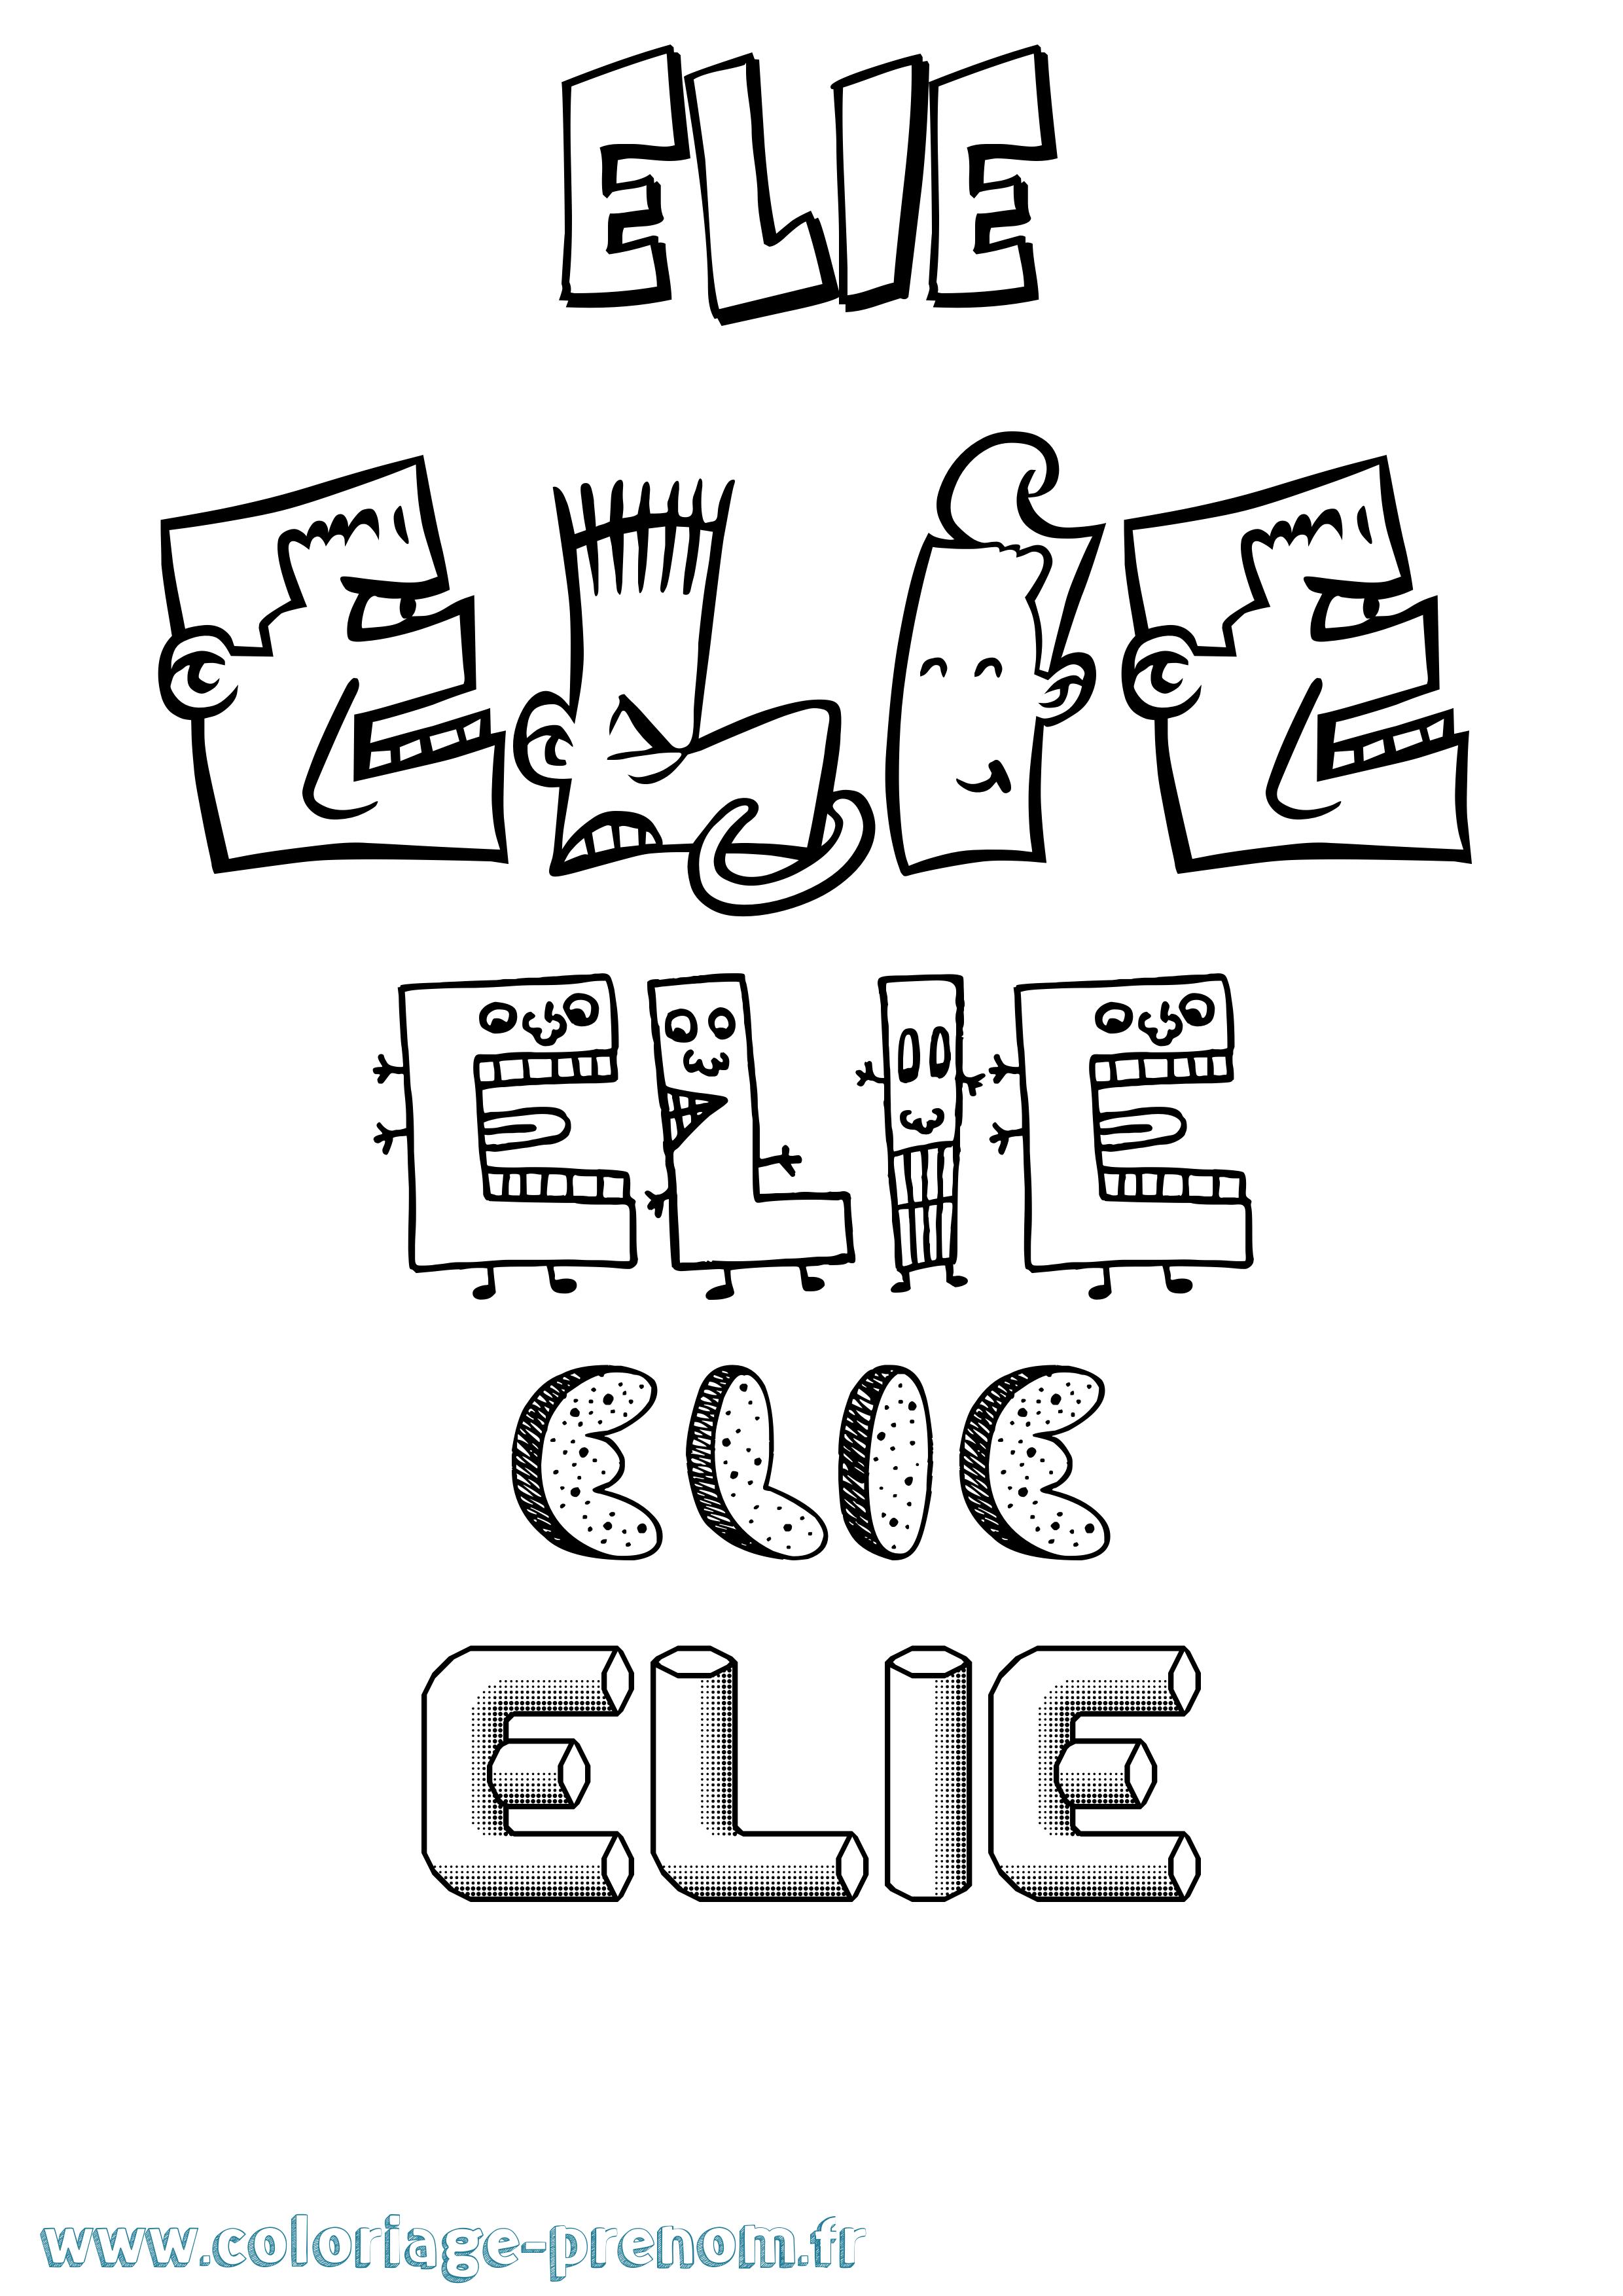 Coloriage du prénom Elie : à Imprimer ou Télécharger ...